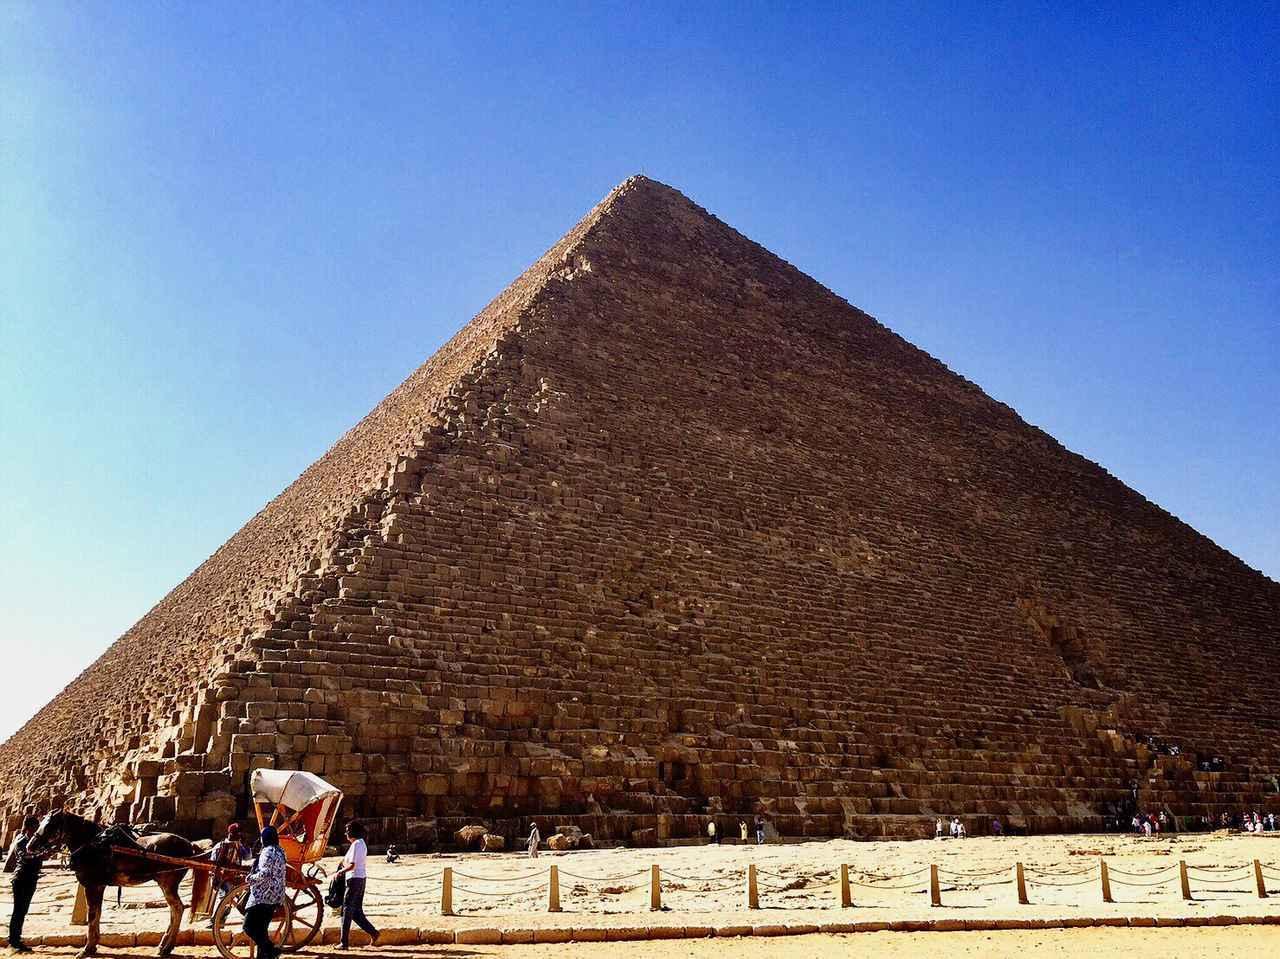 画像1: 【コロナ後現地状況・エジプト】最新の現地情報~新型コロナウイルス対策をご紹介~【随時更新】(2020年6月24日時点) - クラブログ ~スタッフブログ~|クラブツーリズム